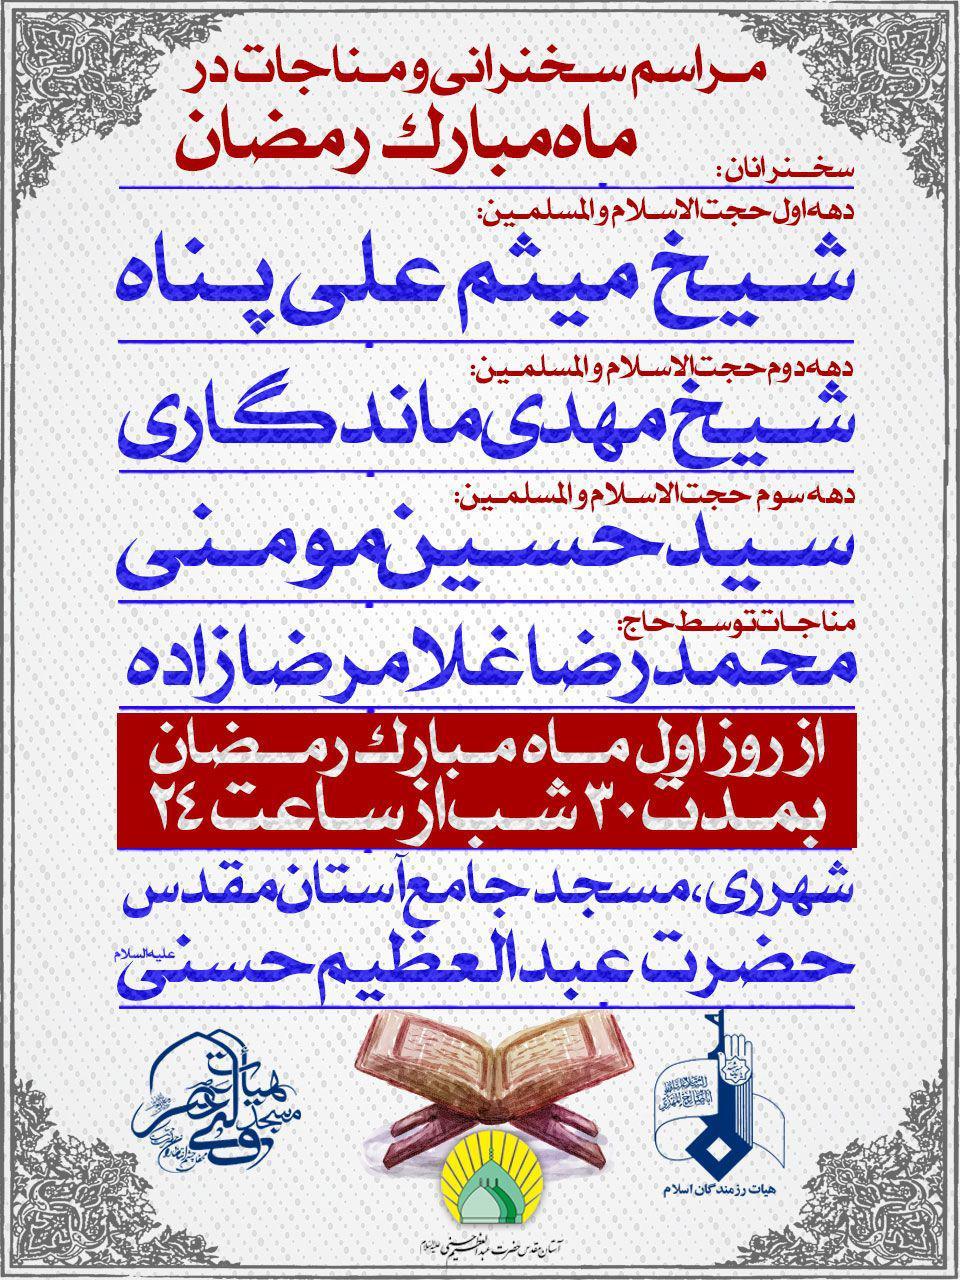 میزبانی حرم عبدالعظیم حسنی (ع) از ماه مبارک رمضان/////////////////////